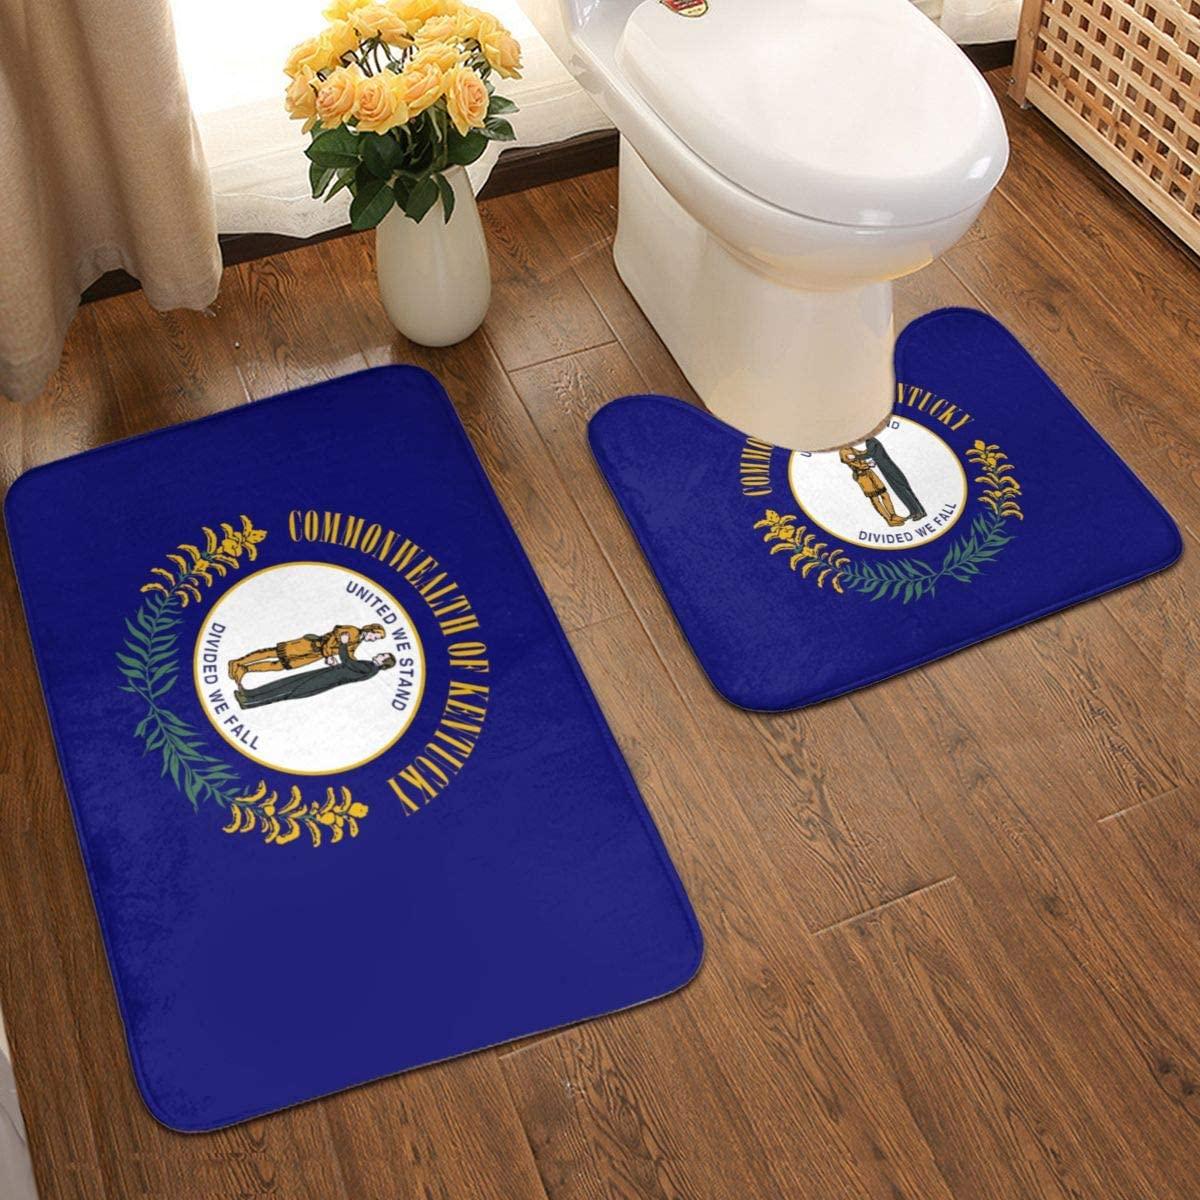 Kentucky Flag Bathroom Rug Mats Set 2 Piece Anti-Skid Pads Bath Mat